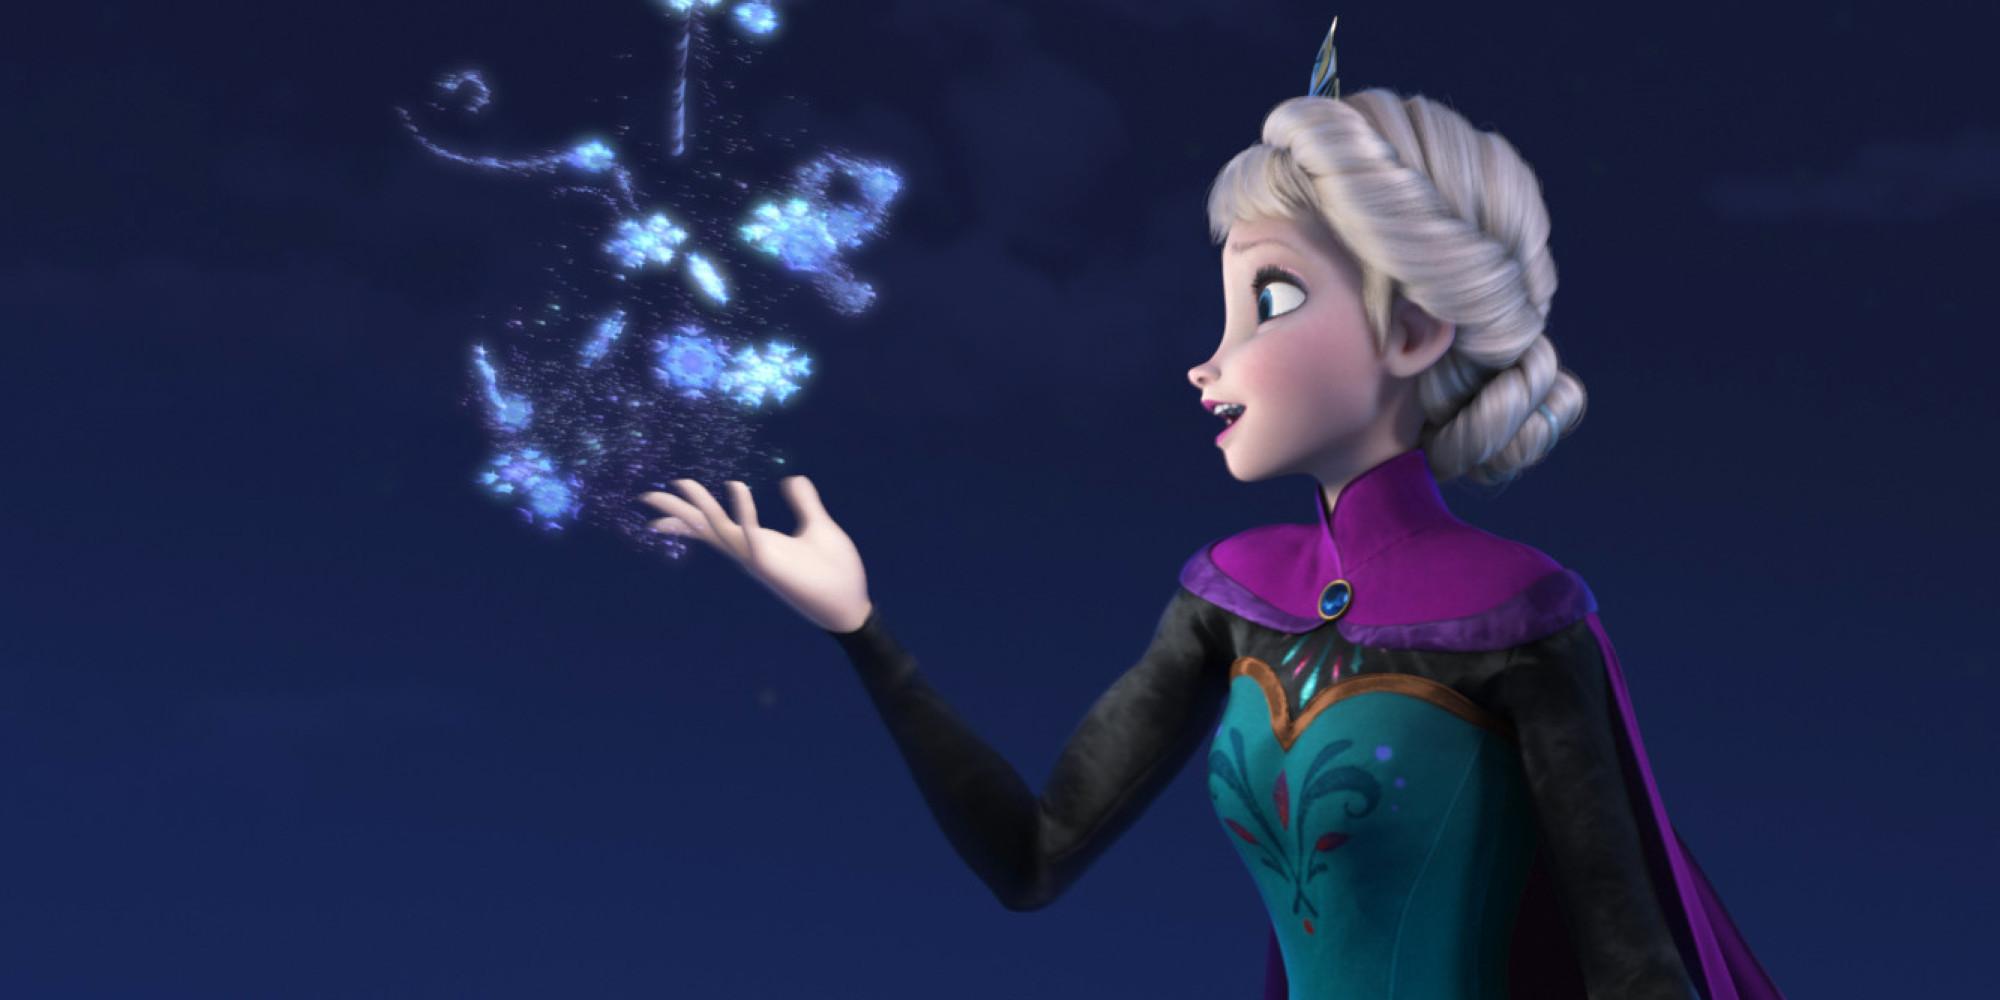 Fotos de Elsa